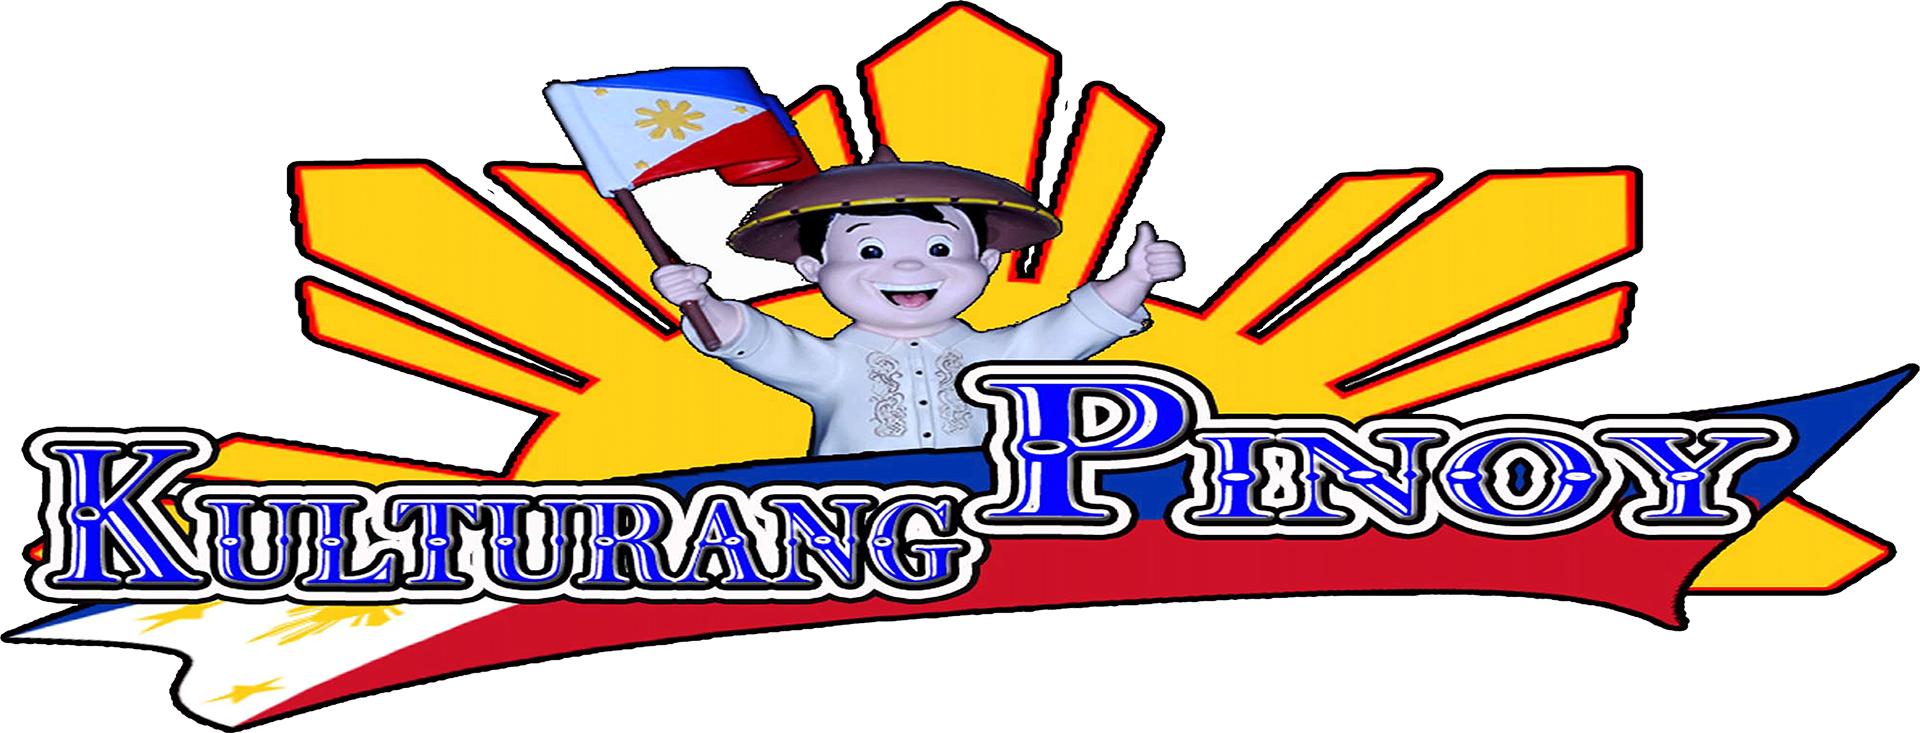 kulturang Pinoy